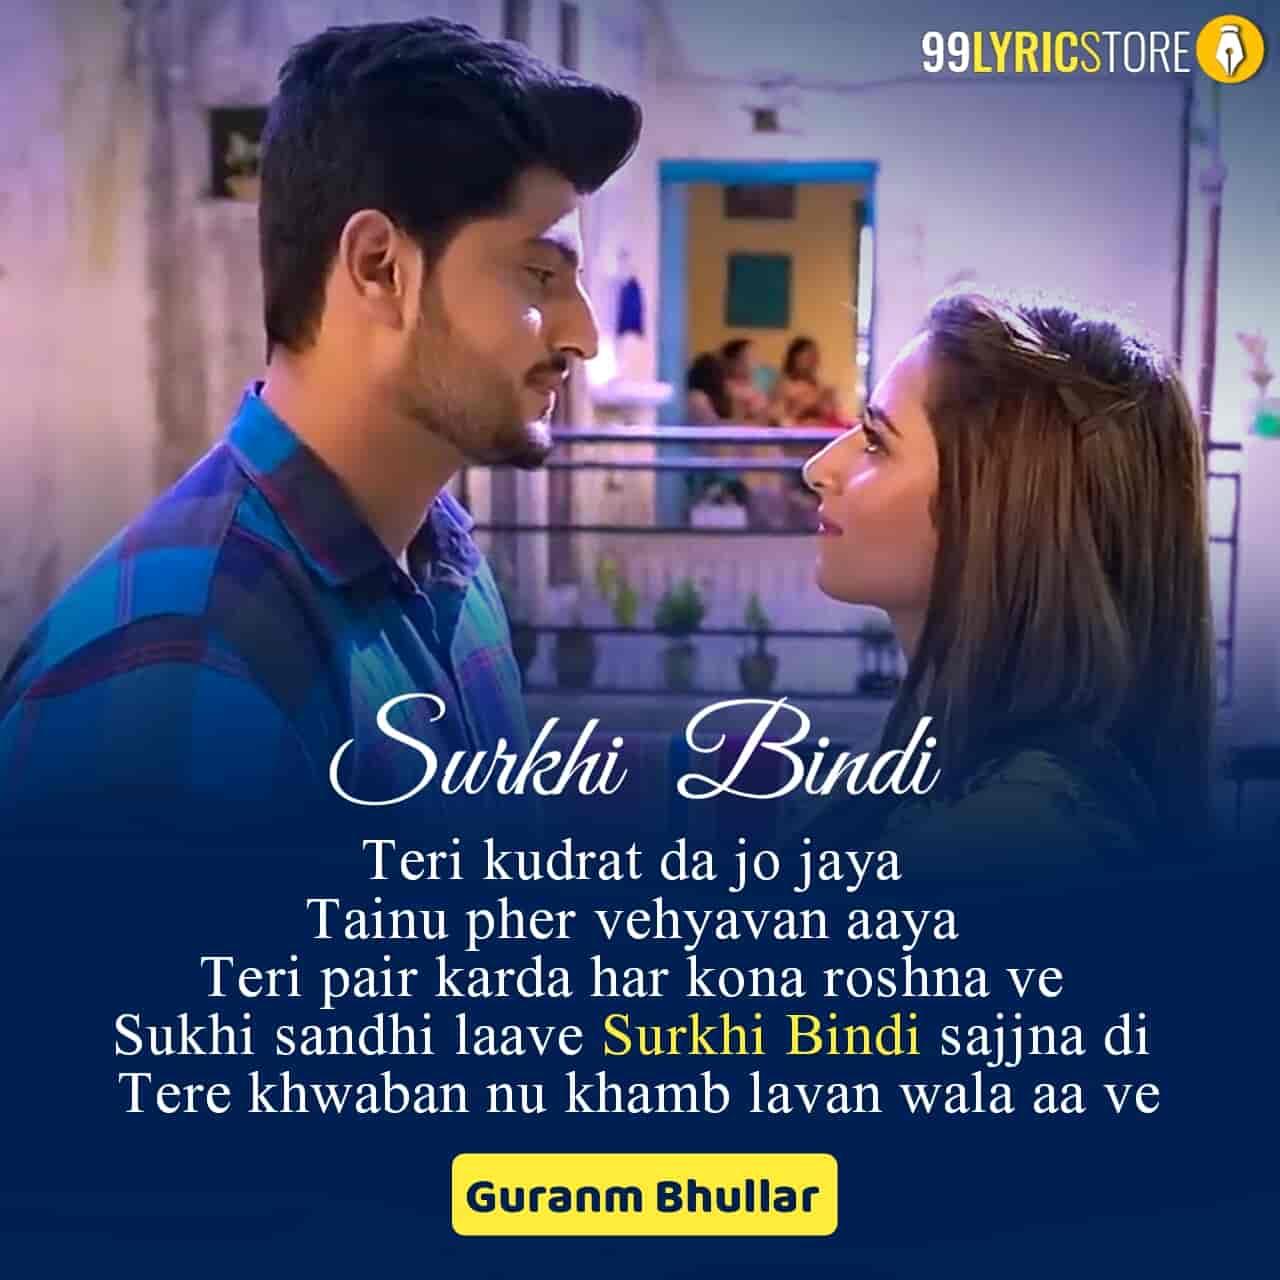 Surkhi Bindi Punjabi song sung by Gurnam Bhullar